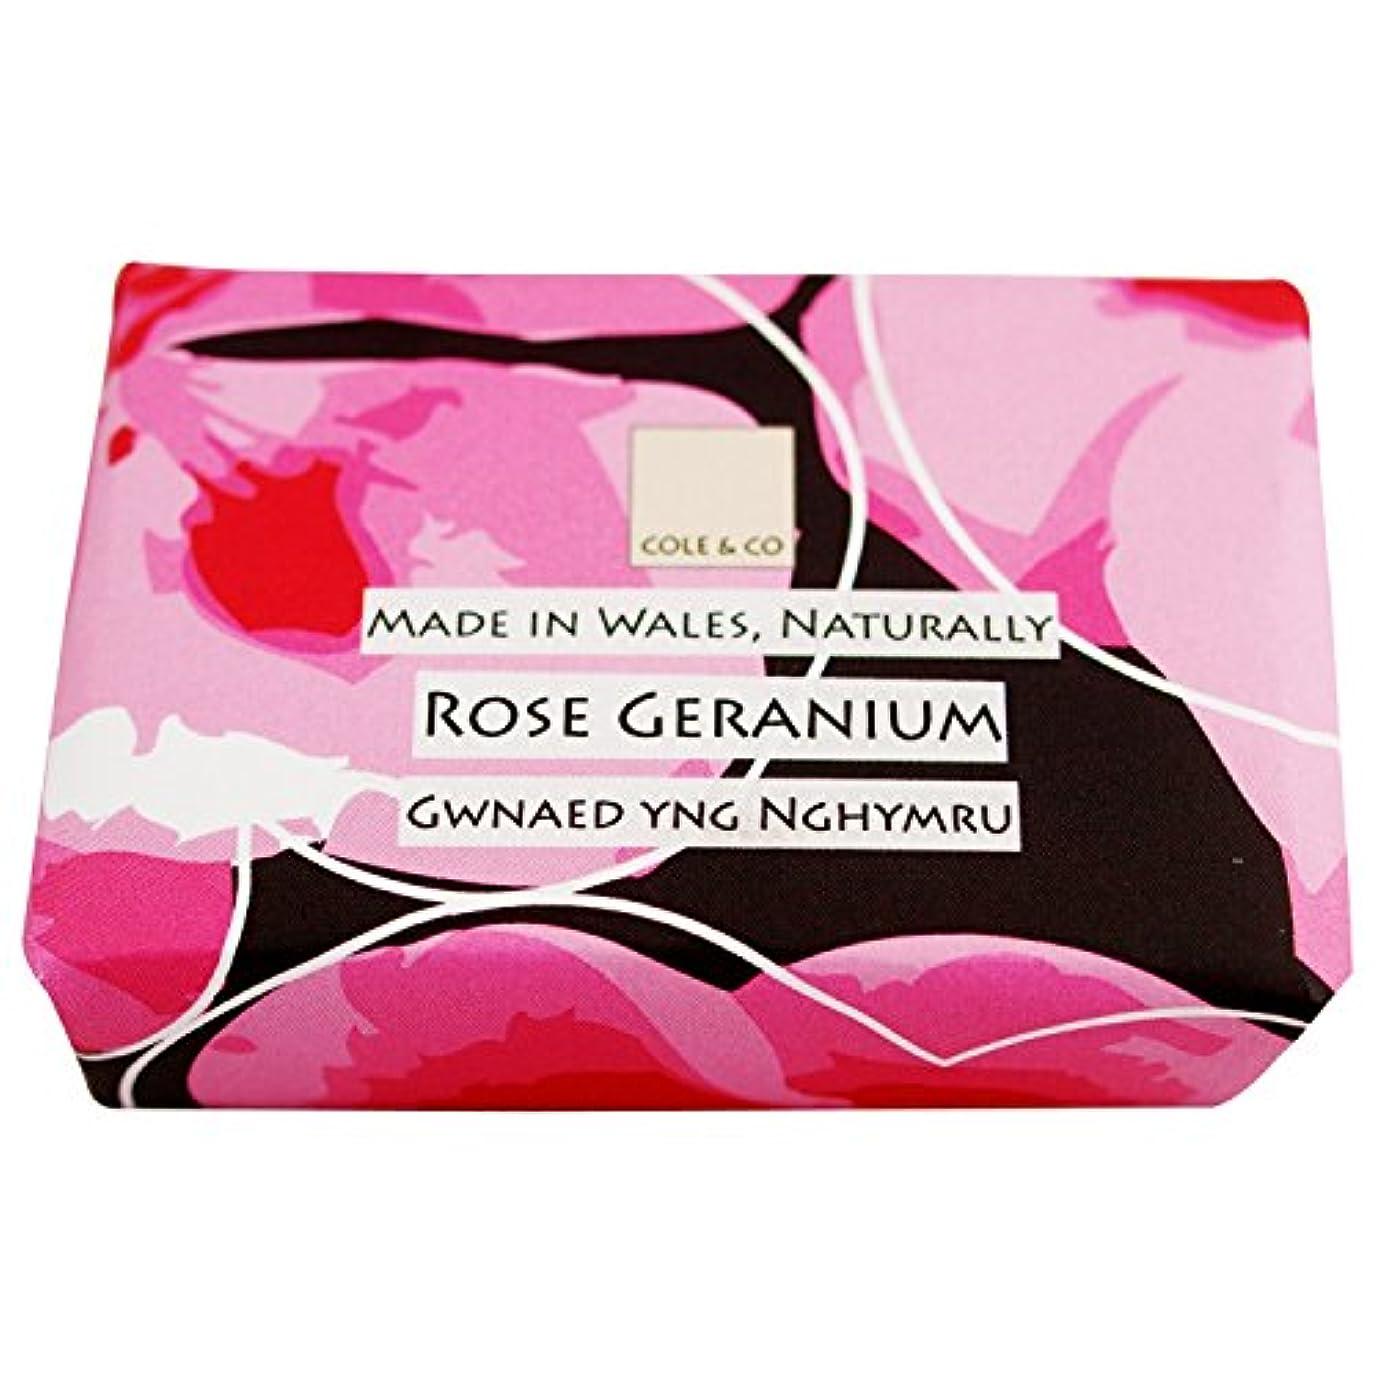 不完全な継続中原点コール&Coはゼラニウム石鹸80グラムのバラ (Cole & Co) (x6) - Cole & Co Rose Geranium Soap 80g (Pack of 6) [並行輸入品]